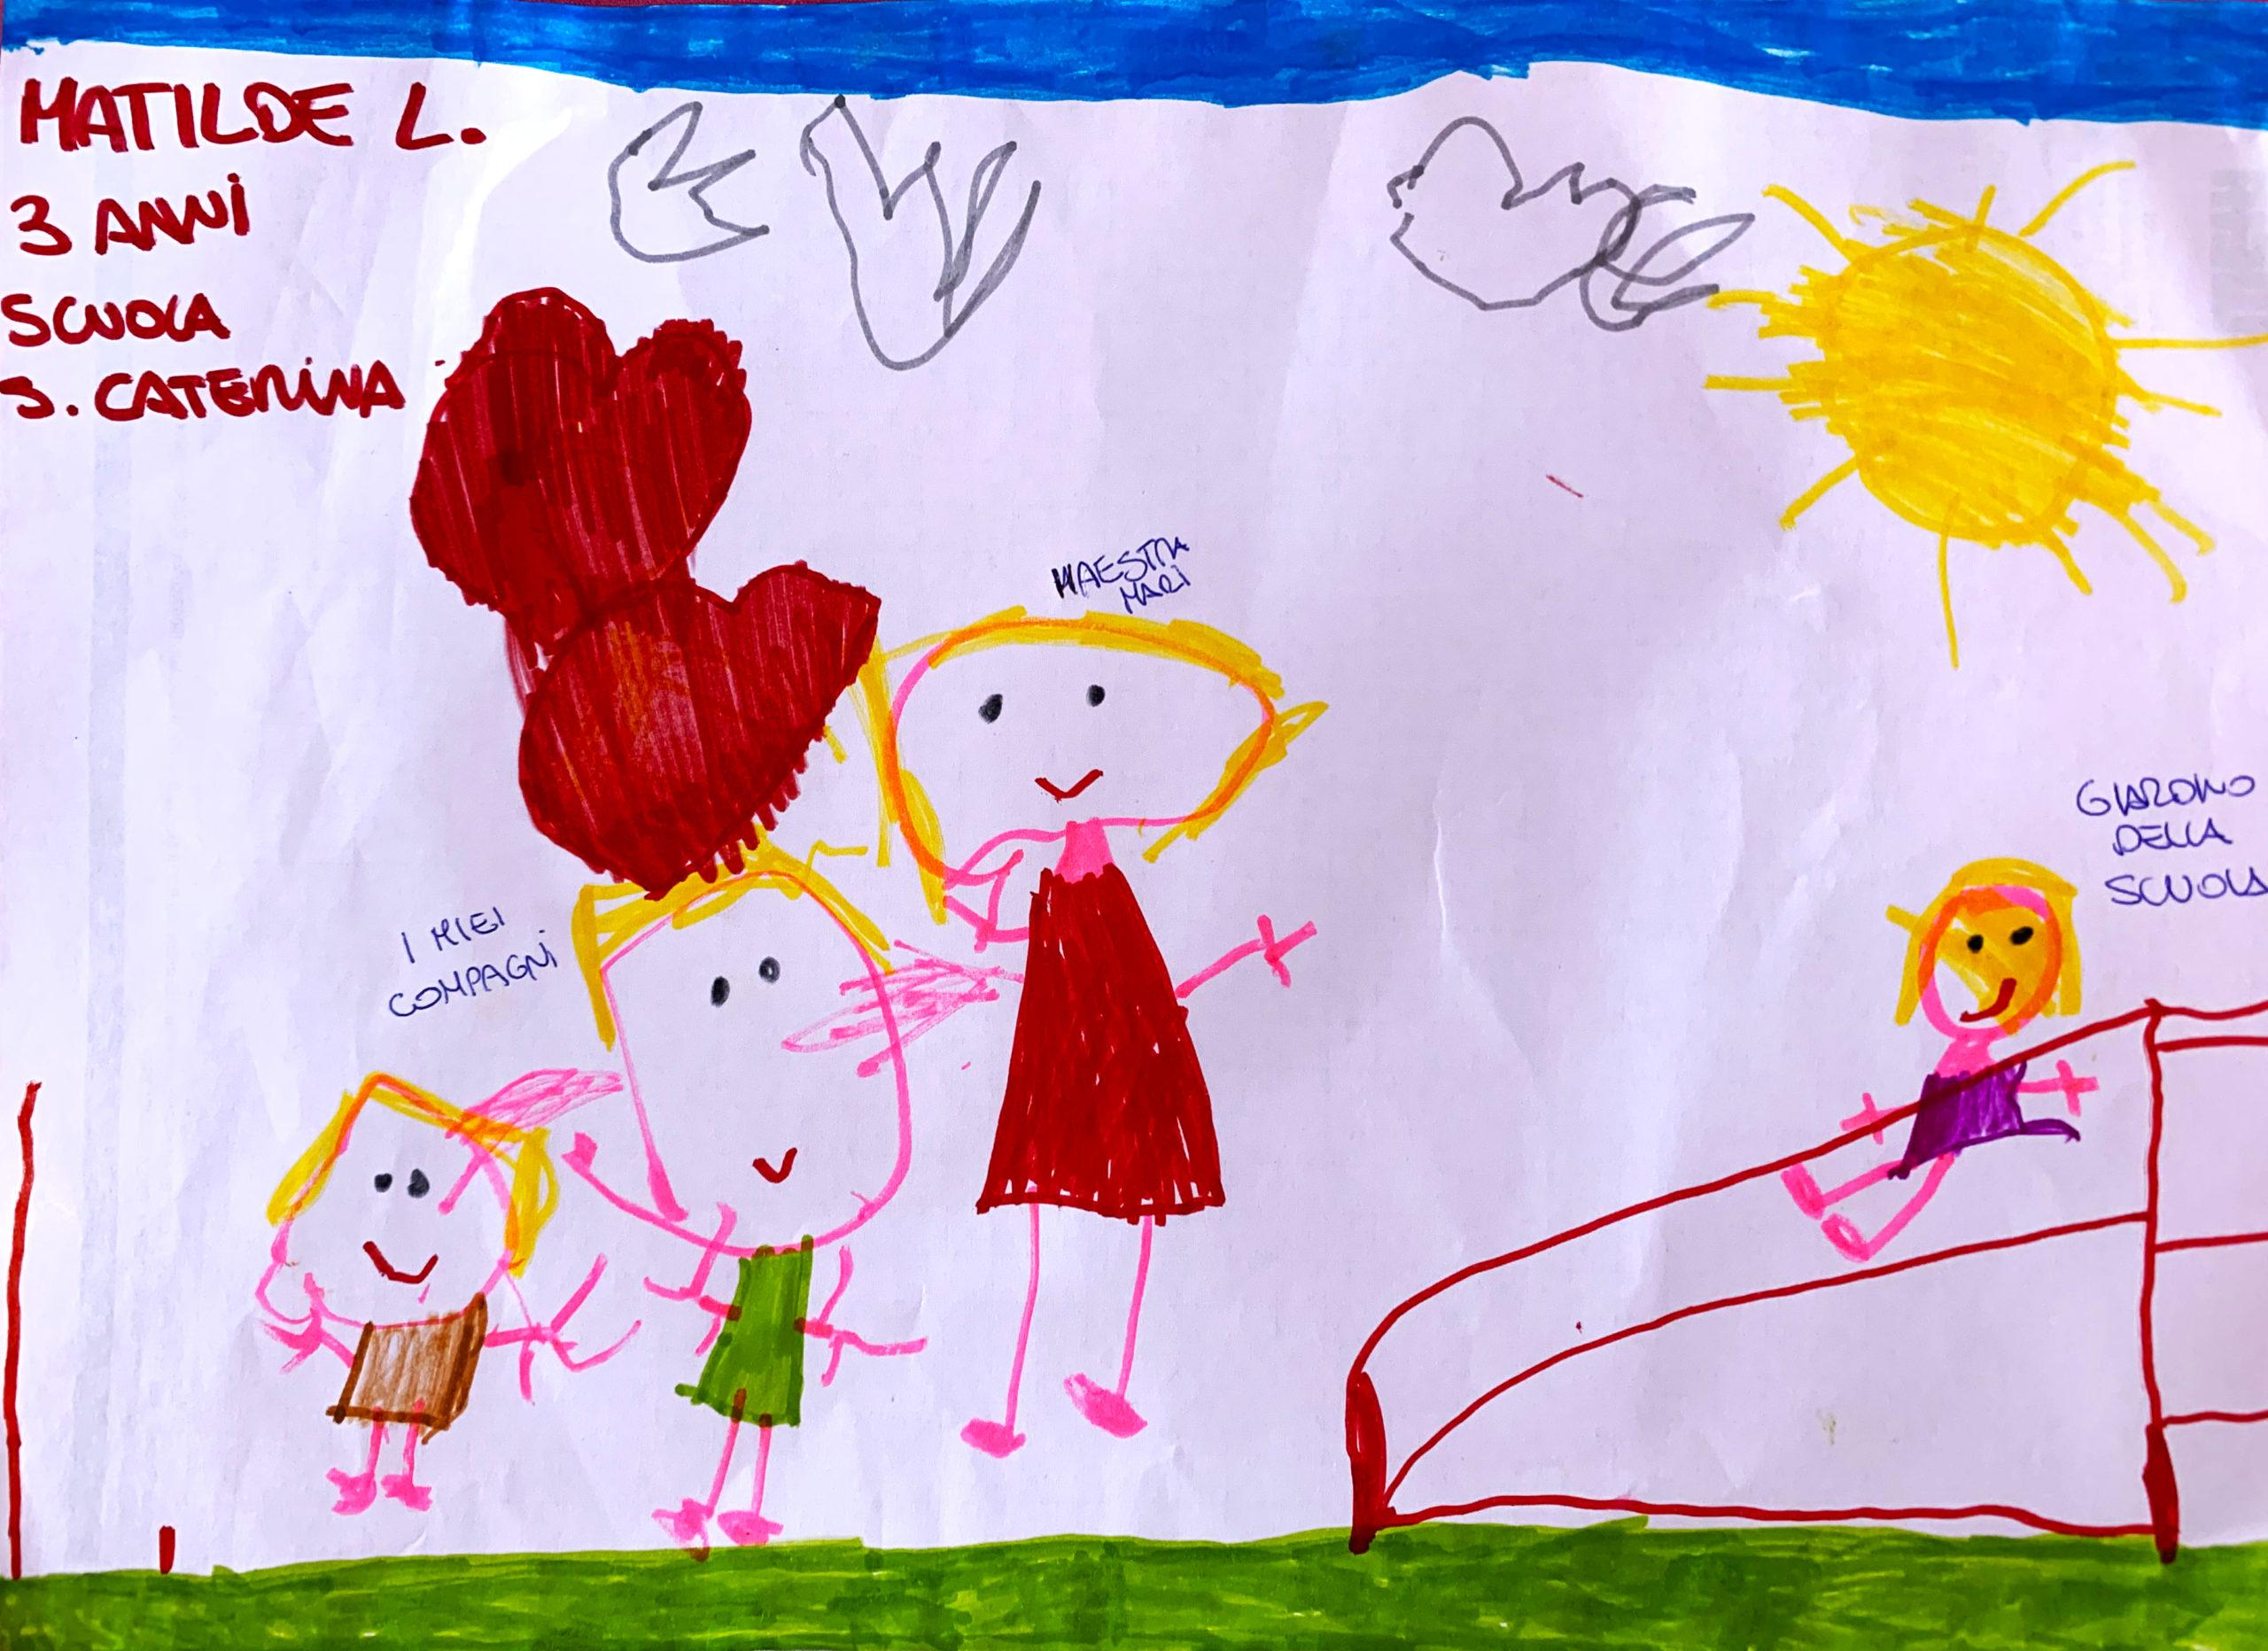 Questo disegno lo ha fatto Matilde (3 anni)